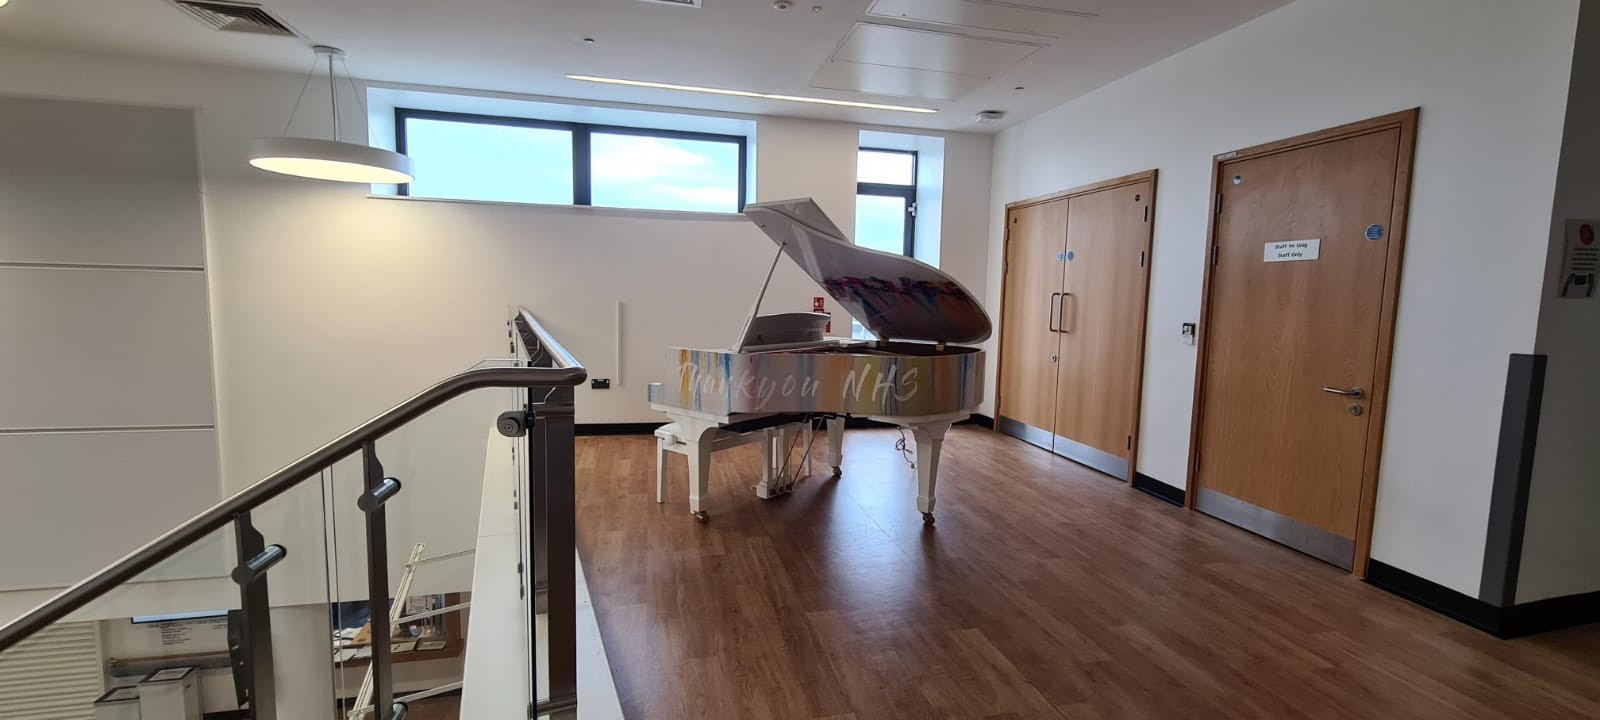 Hospital Piano #1